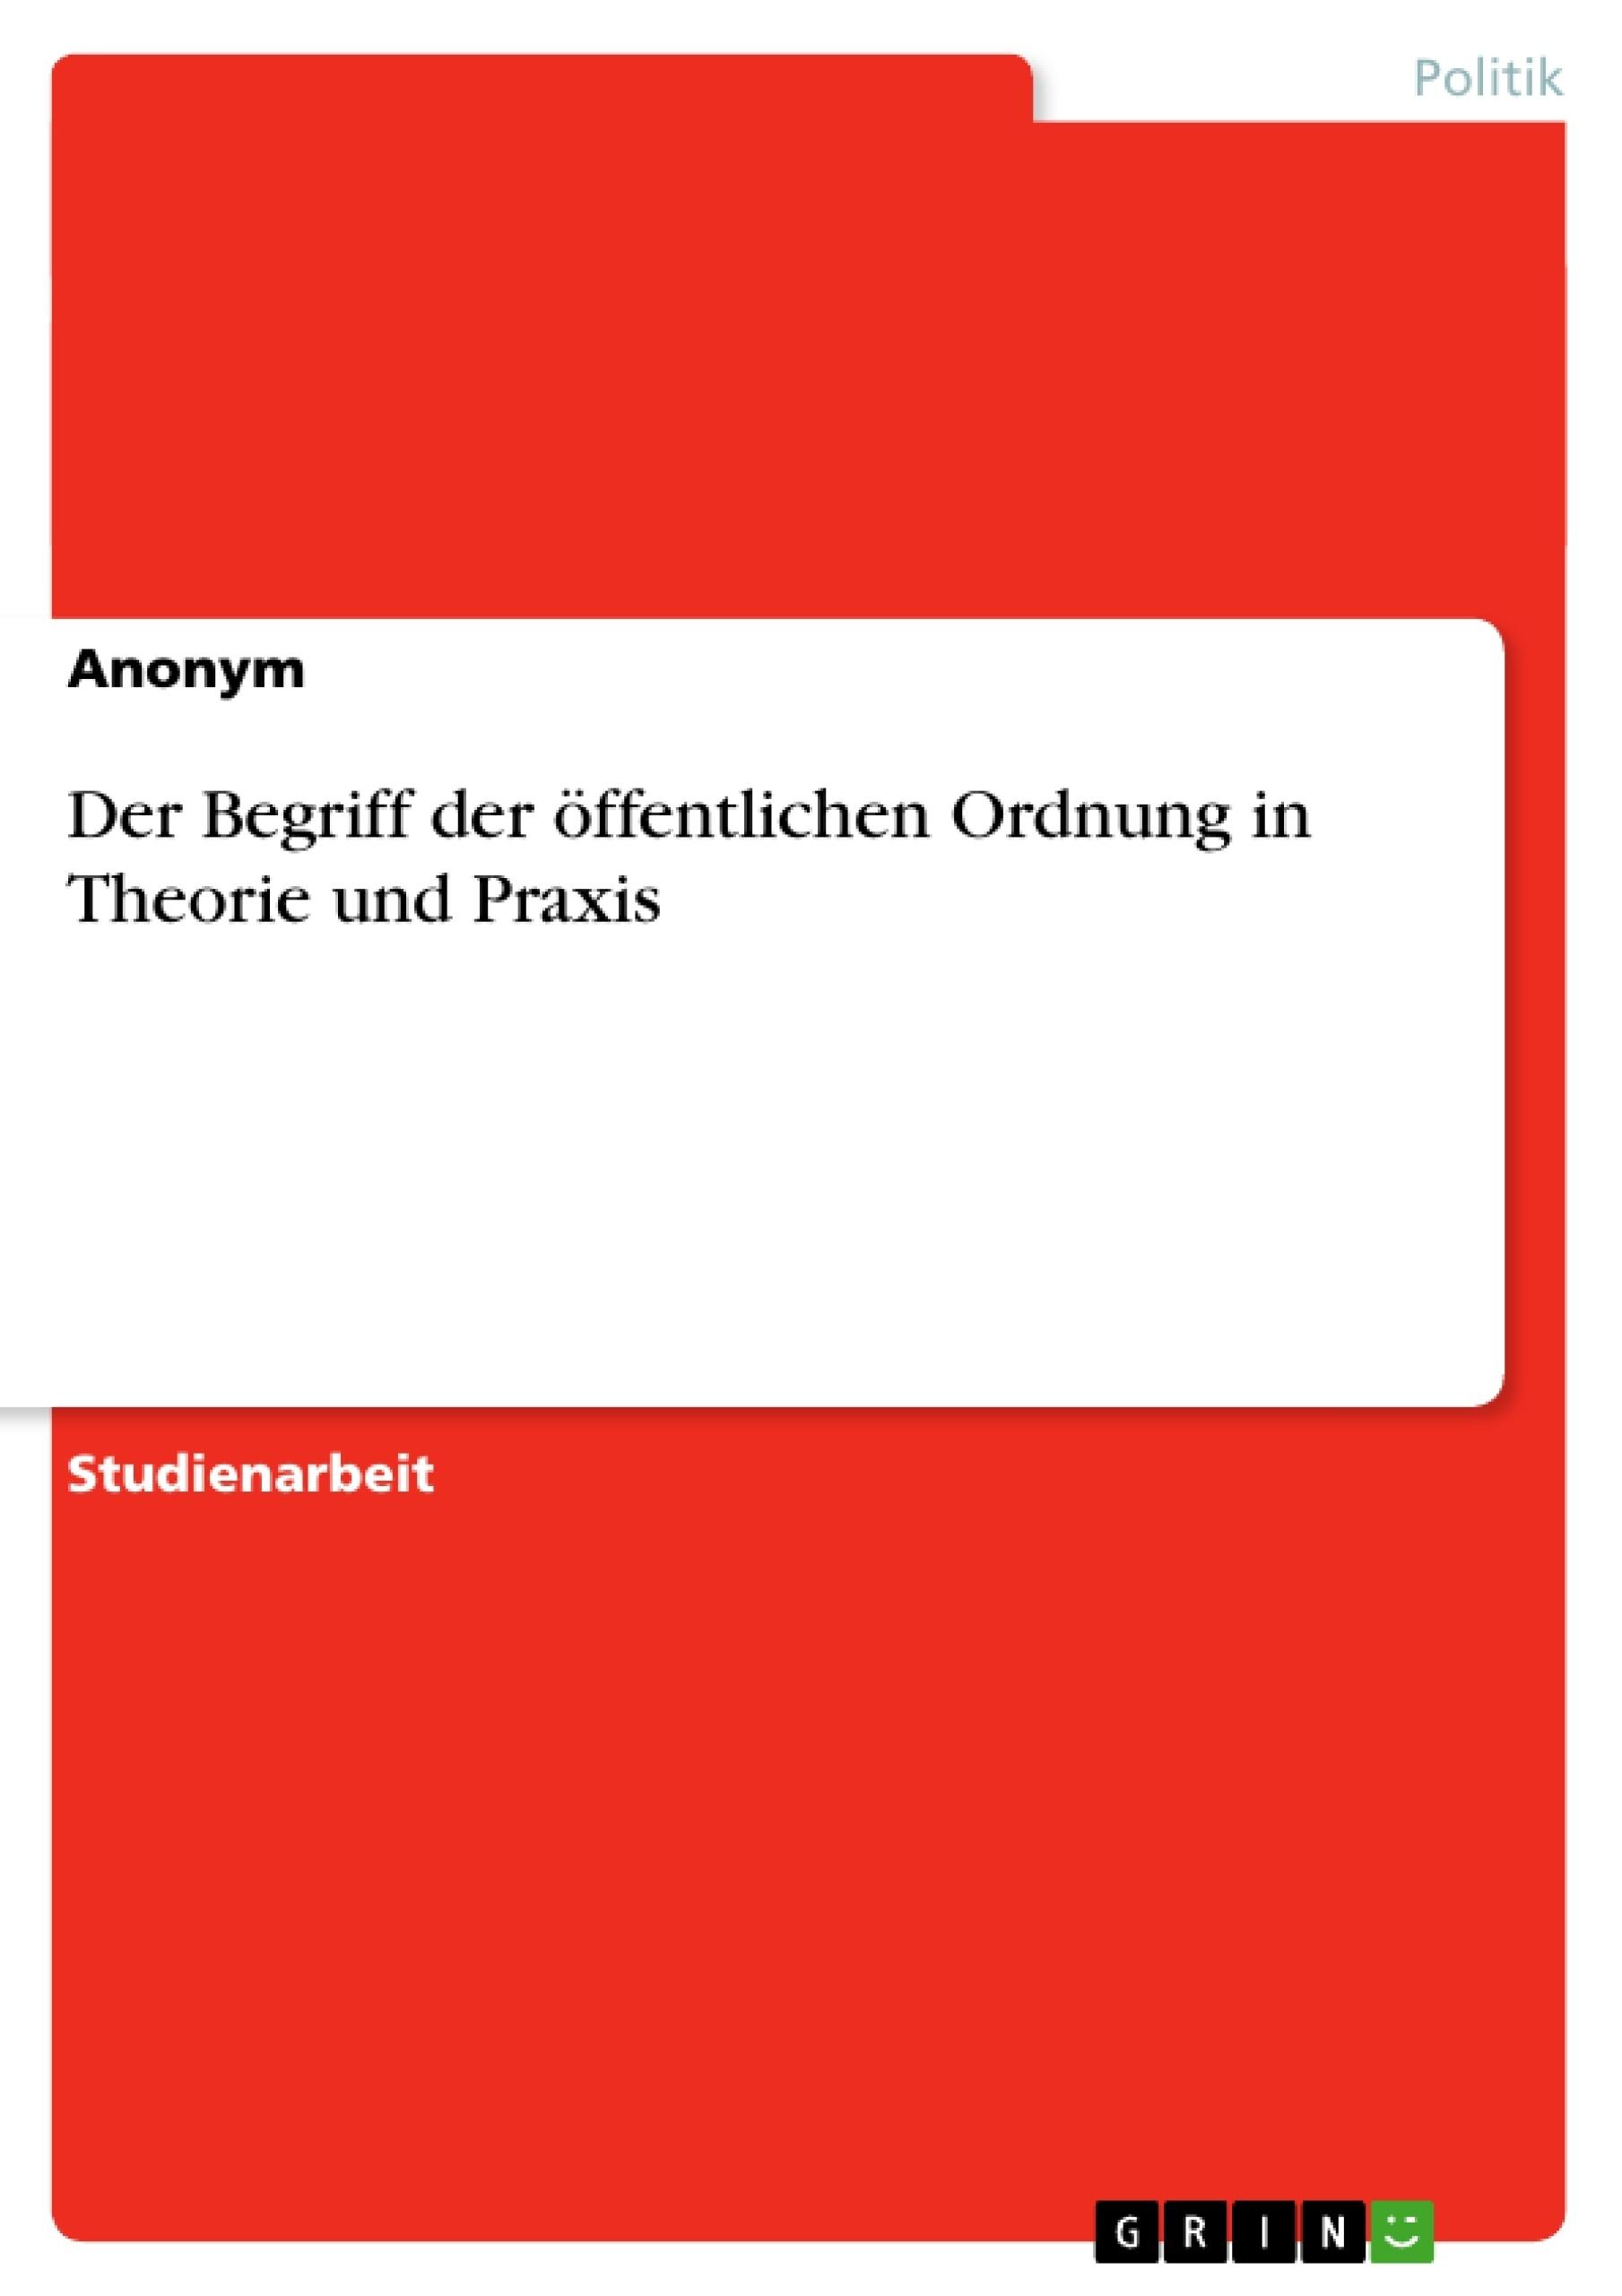 Titel: Der Begriff der öffentlichen Ordnung in Theorie und Praxis